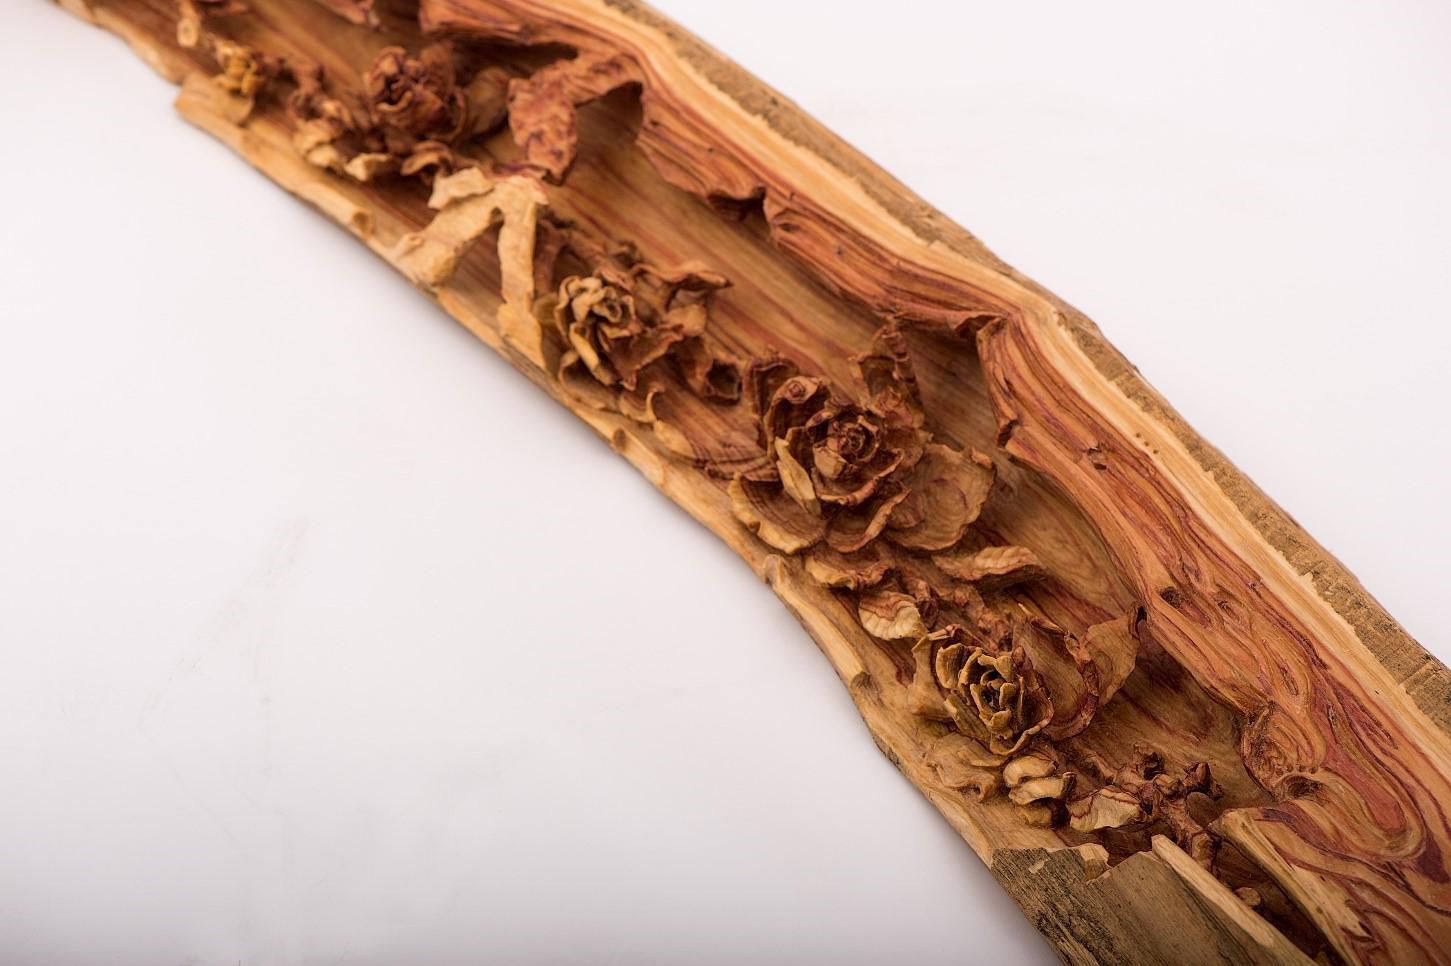 francesco-crippa-engraver-wood-sculptor-lomagna-lecco-thumbnail